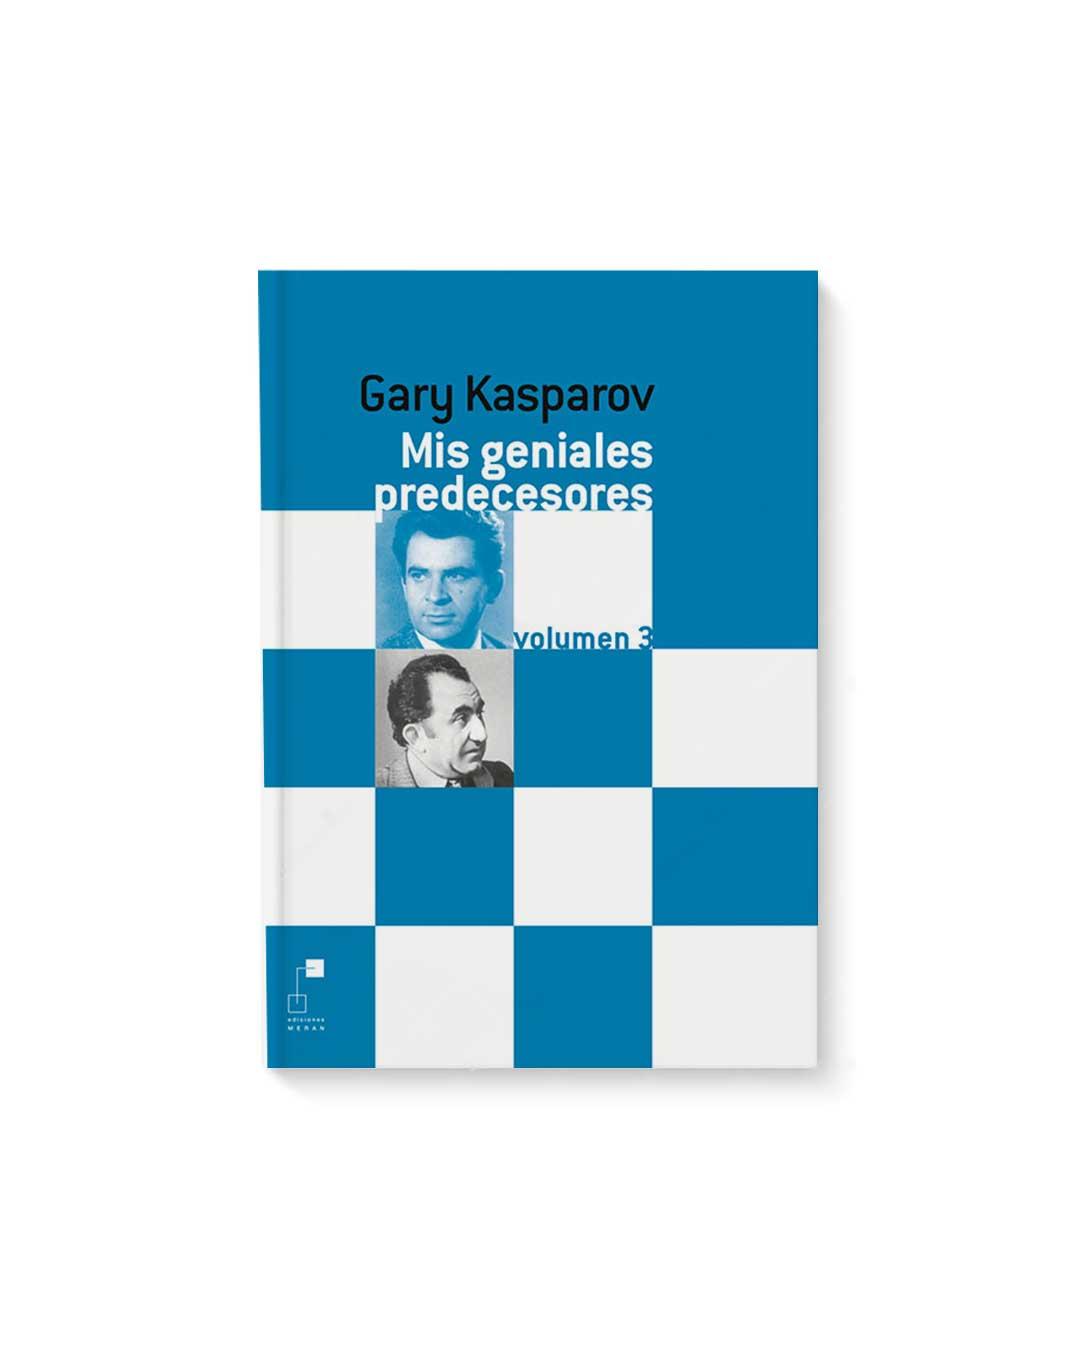 Mis Geniales Predecesores Vol 3 - Gary Kasparov